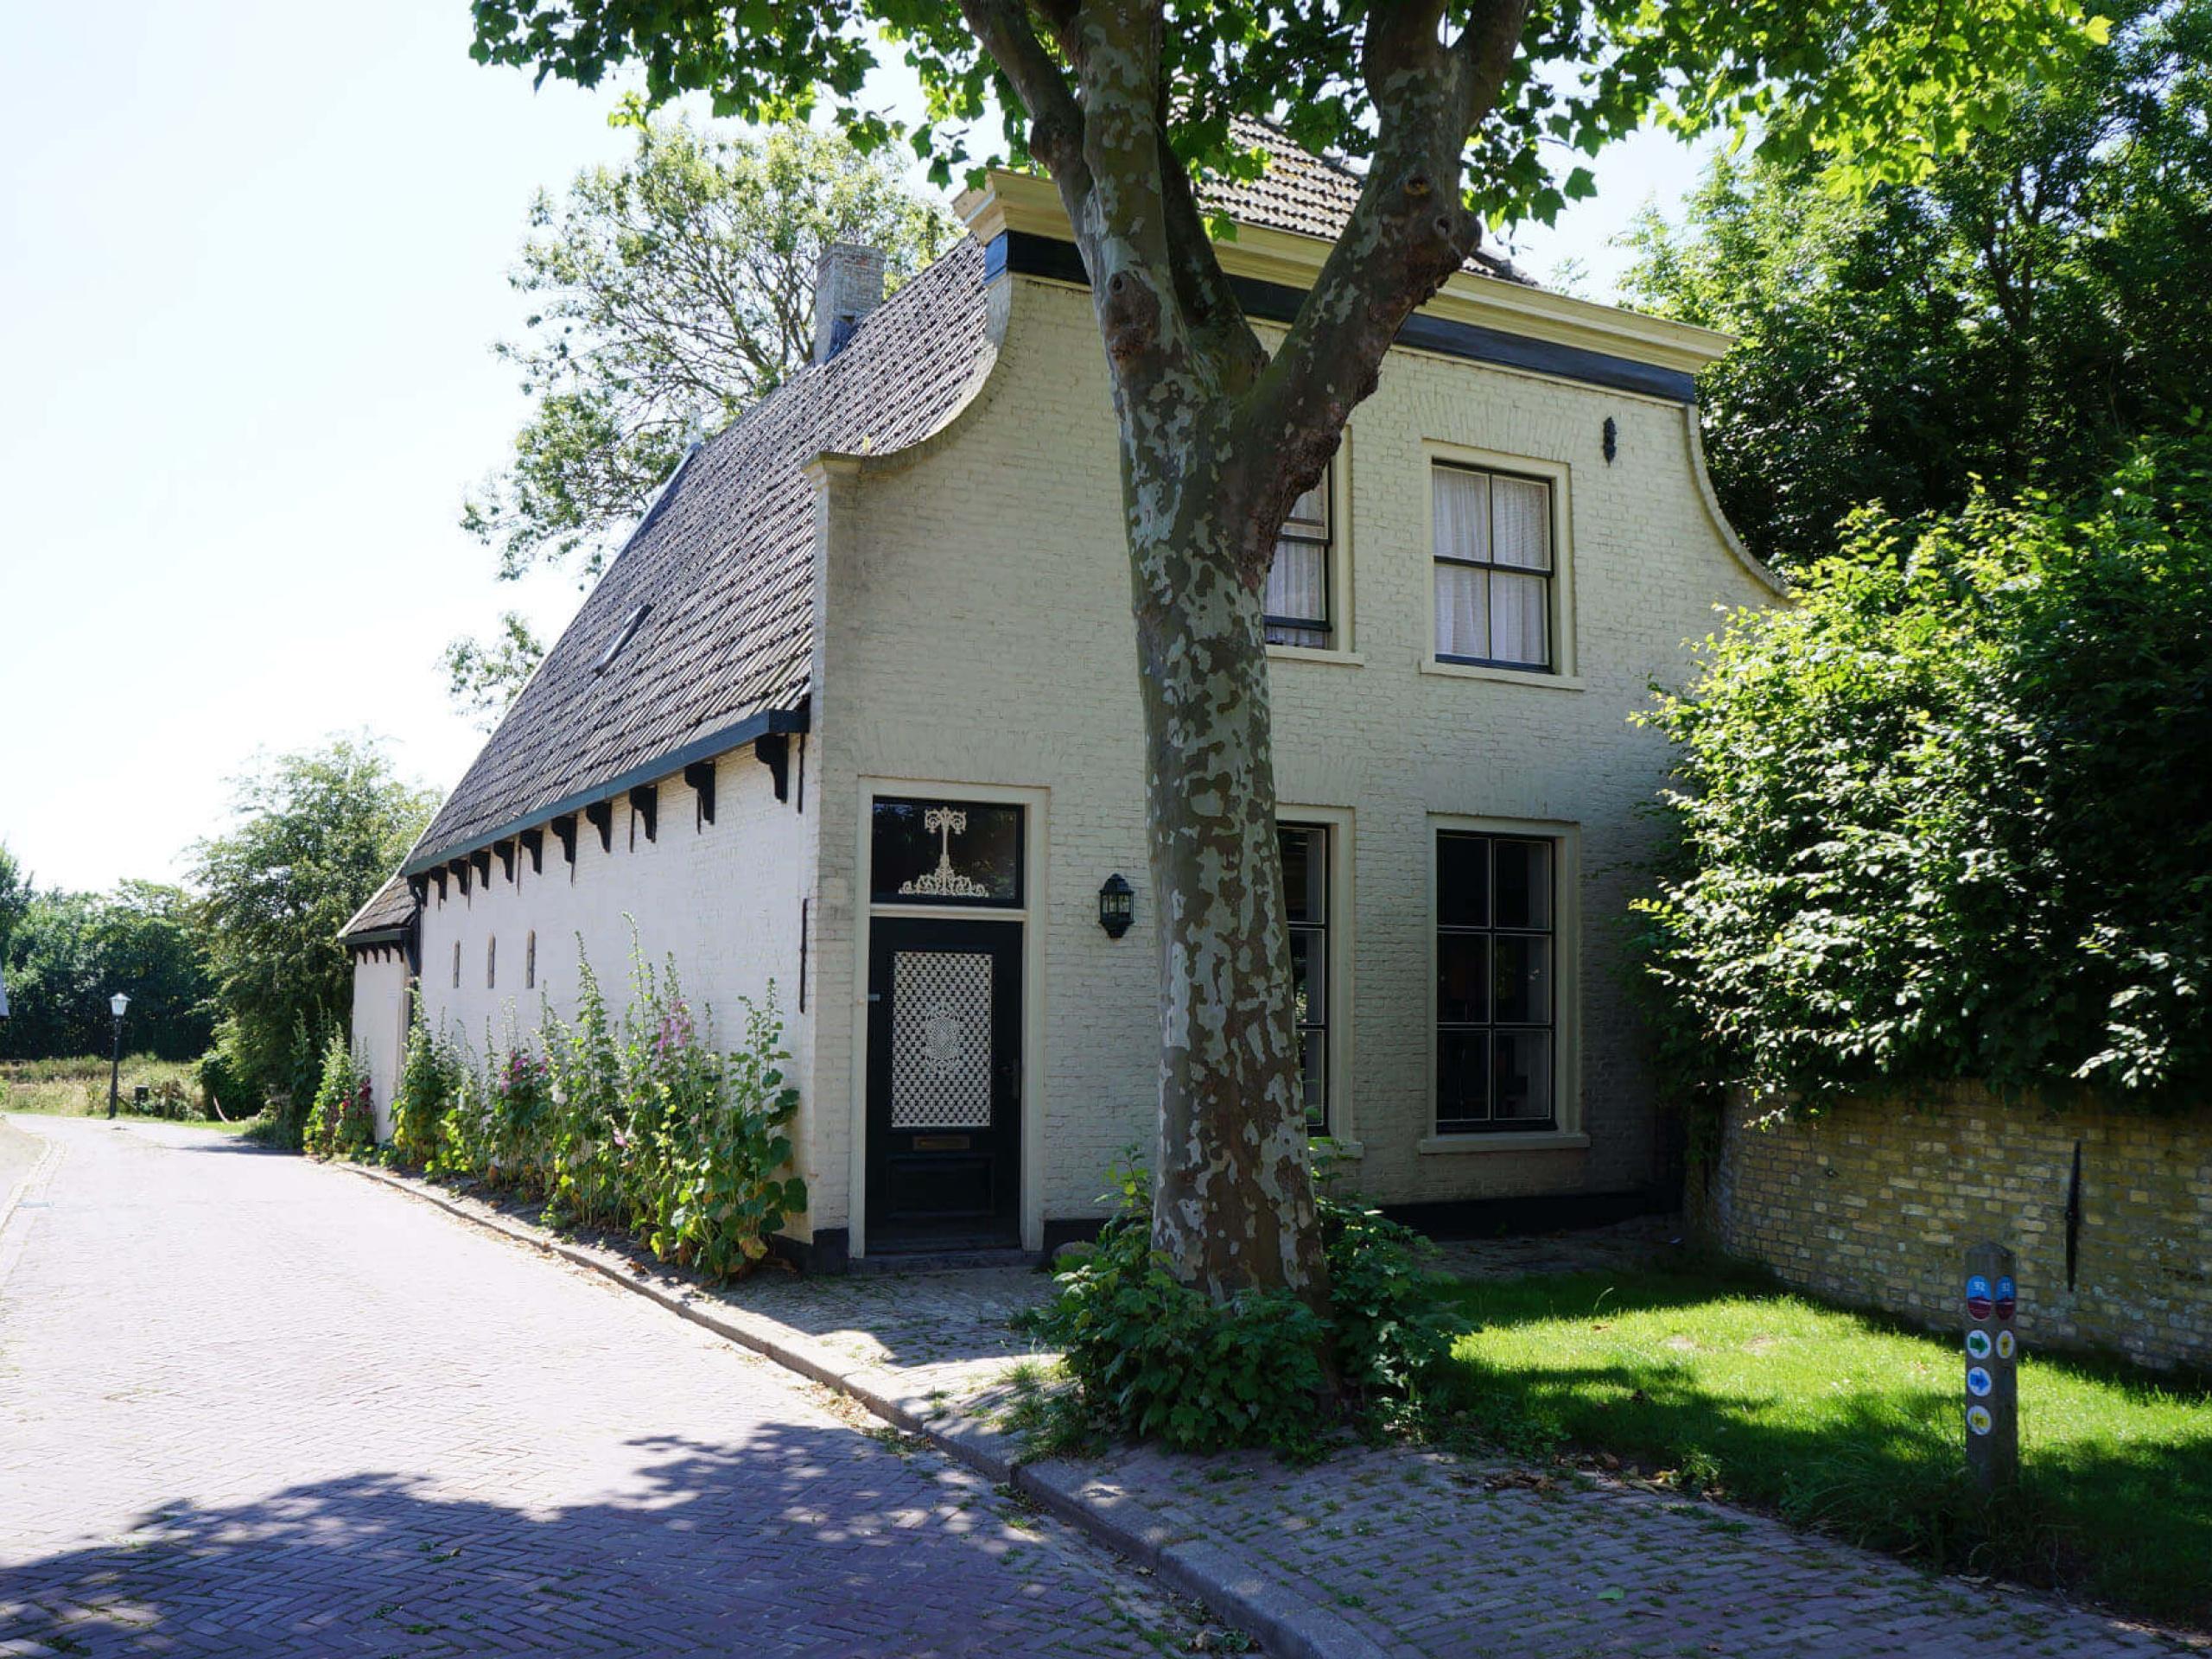 B & B im alten Pfarrhaus neben der Kirche von De Waal